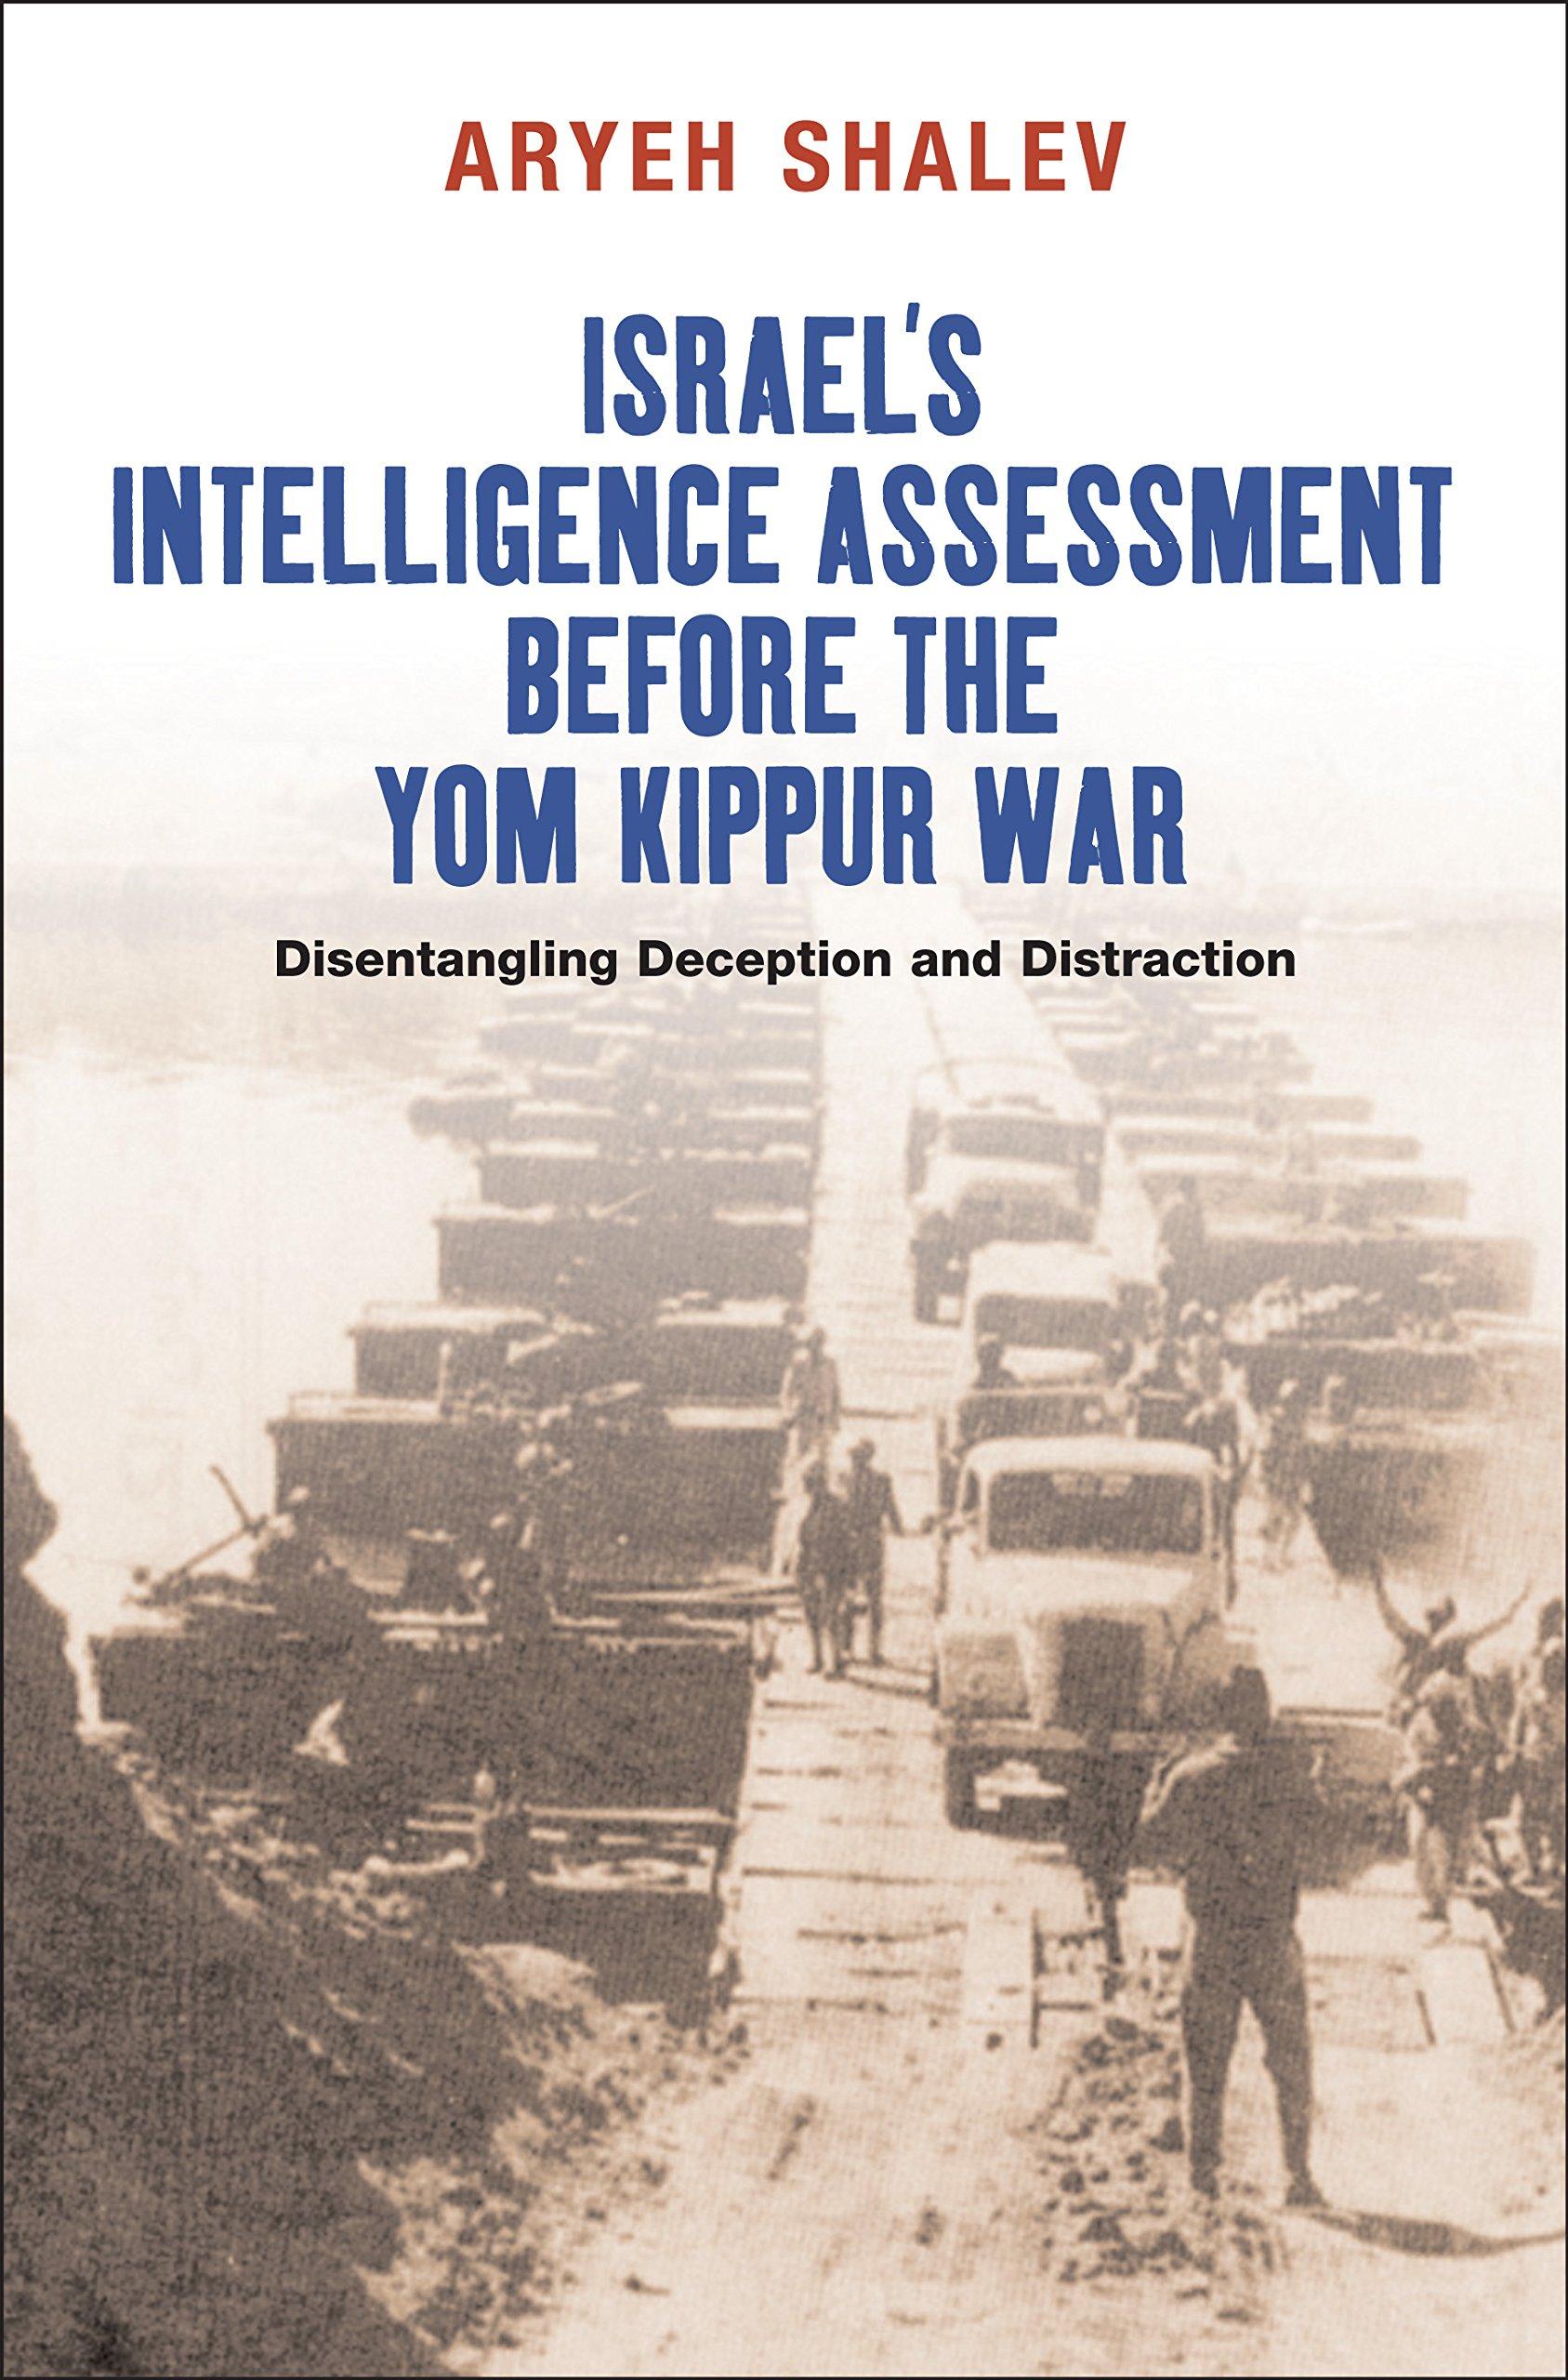 Israel's Intelligence Assessment Before the Yom Kippur War